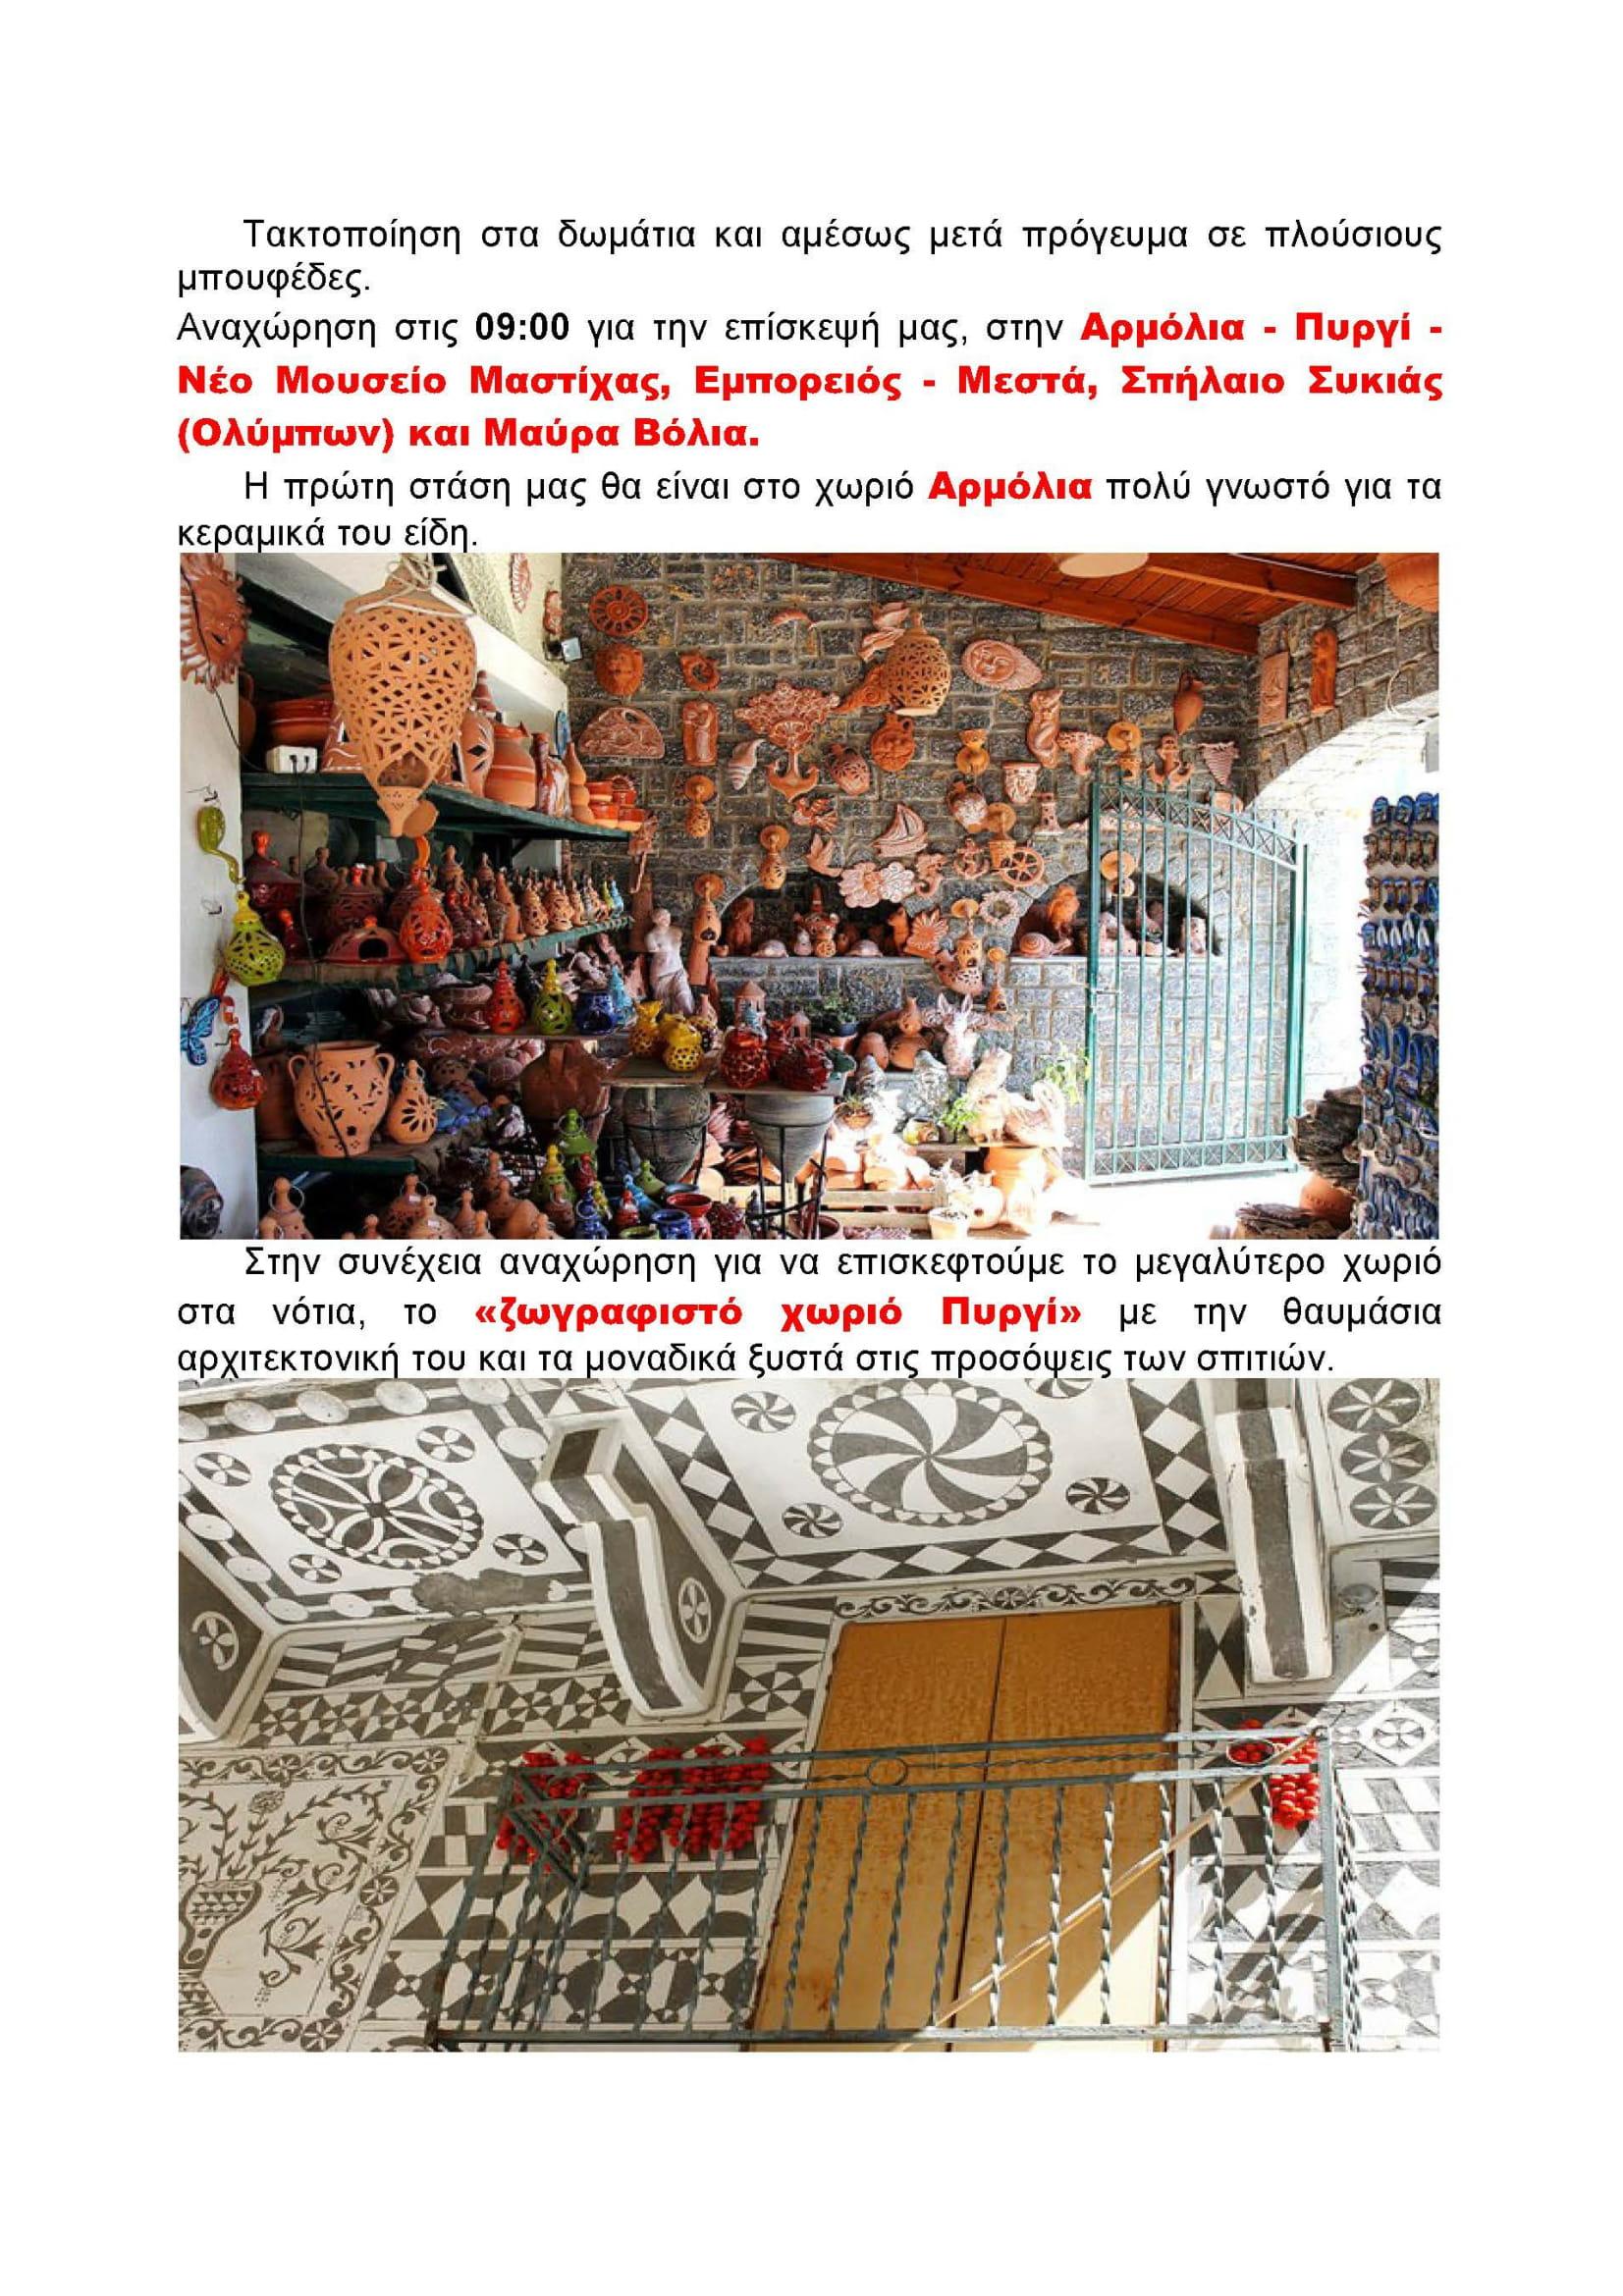 ΠΡΟΓΡΑΜΜΑ ΕΚΔΡΟΜΗΣ ΧΙΟΥ ΔΕΥΤΕΡΗ ΕΙΔΟΠΟΙΗΣΗ-06